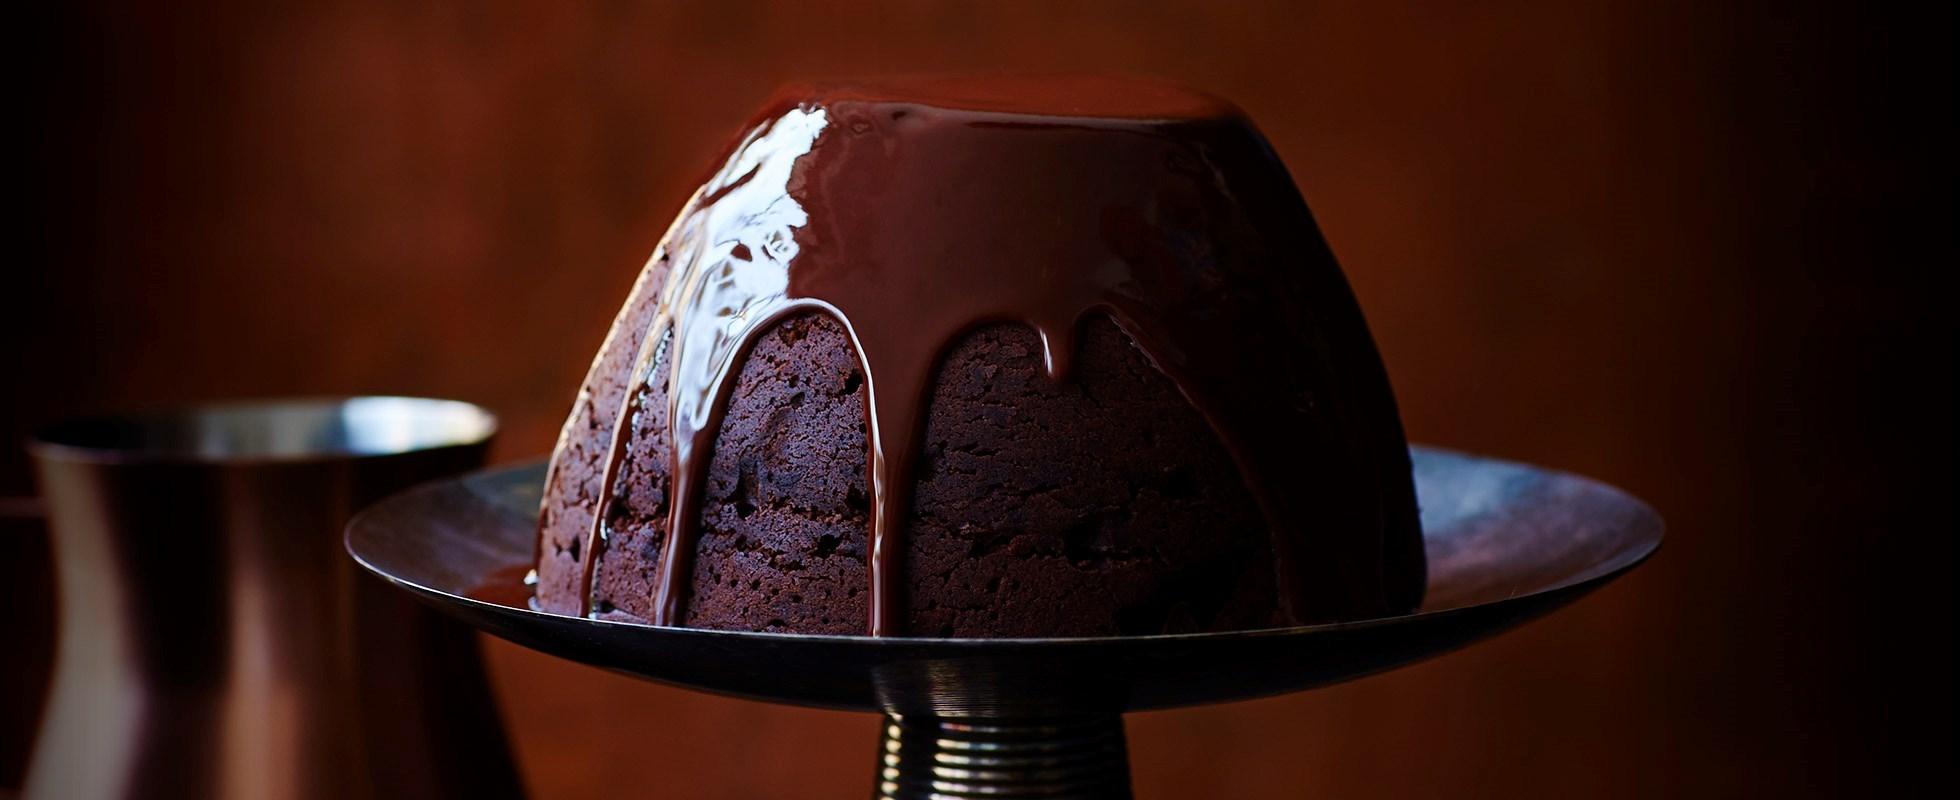 chocolate caramel lindt ball pudding